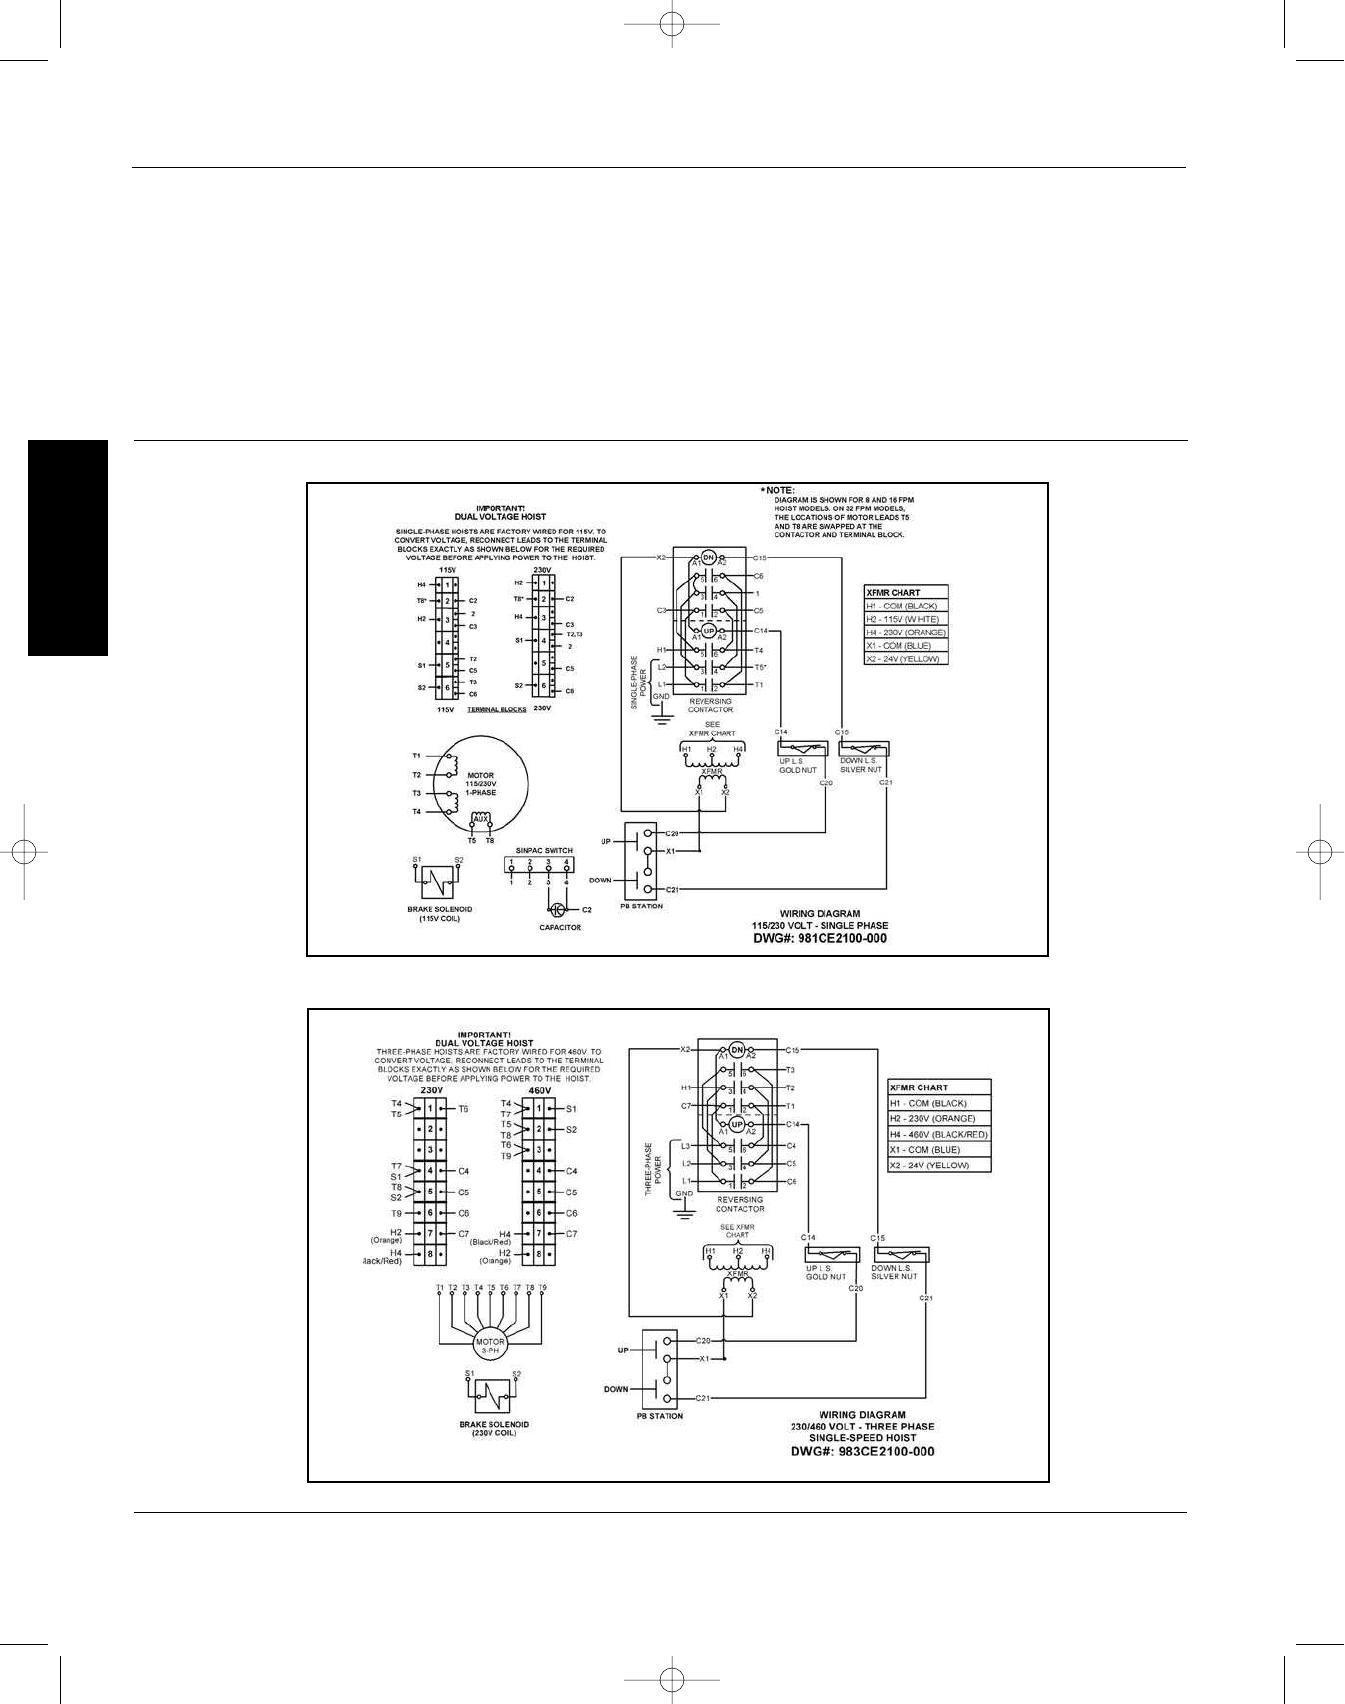 dayton pendant wiring diagram